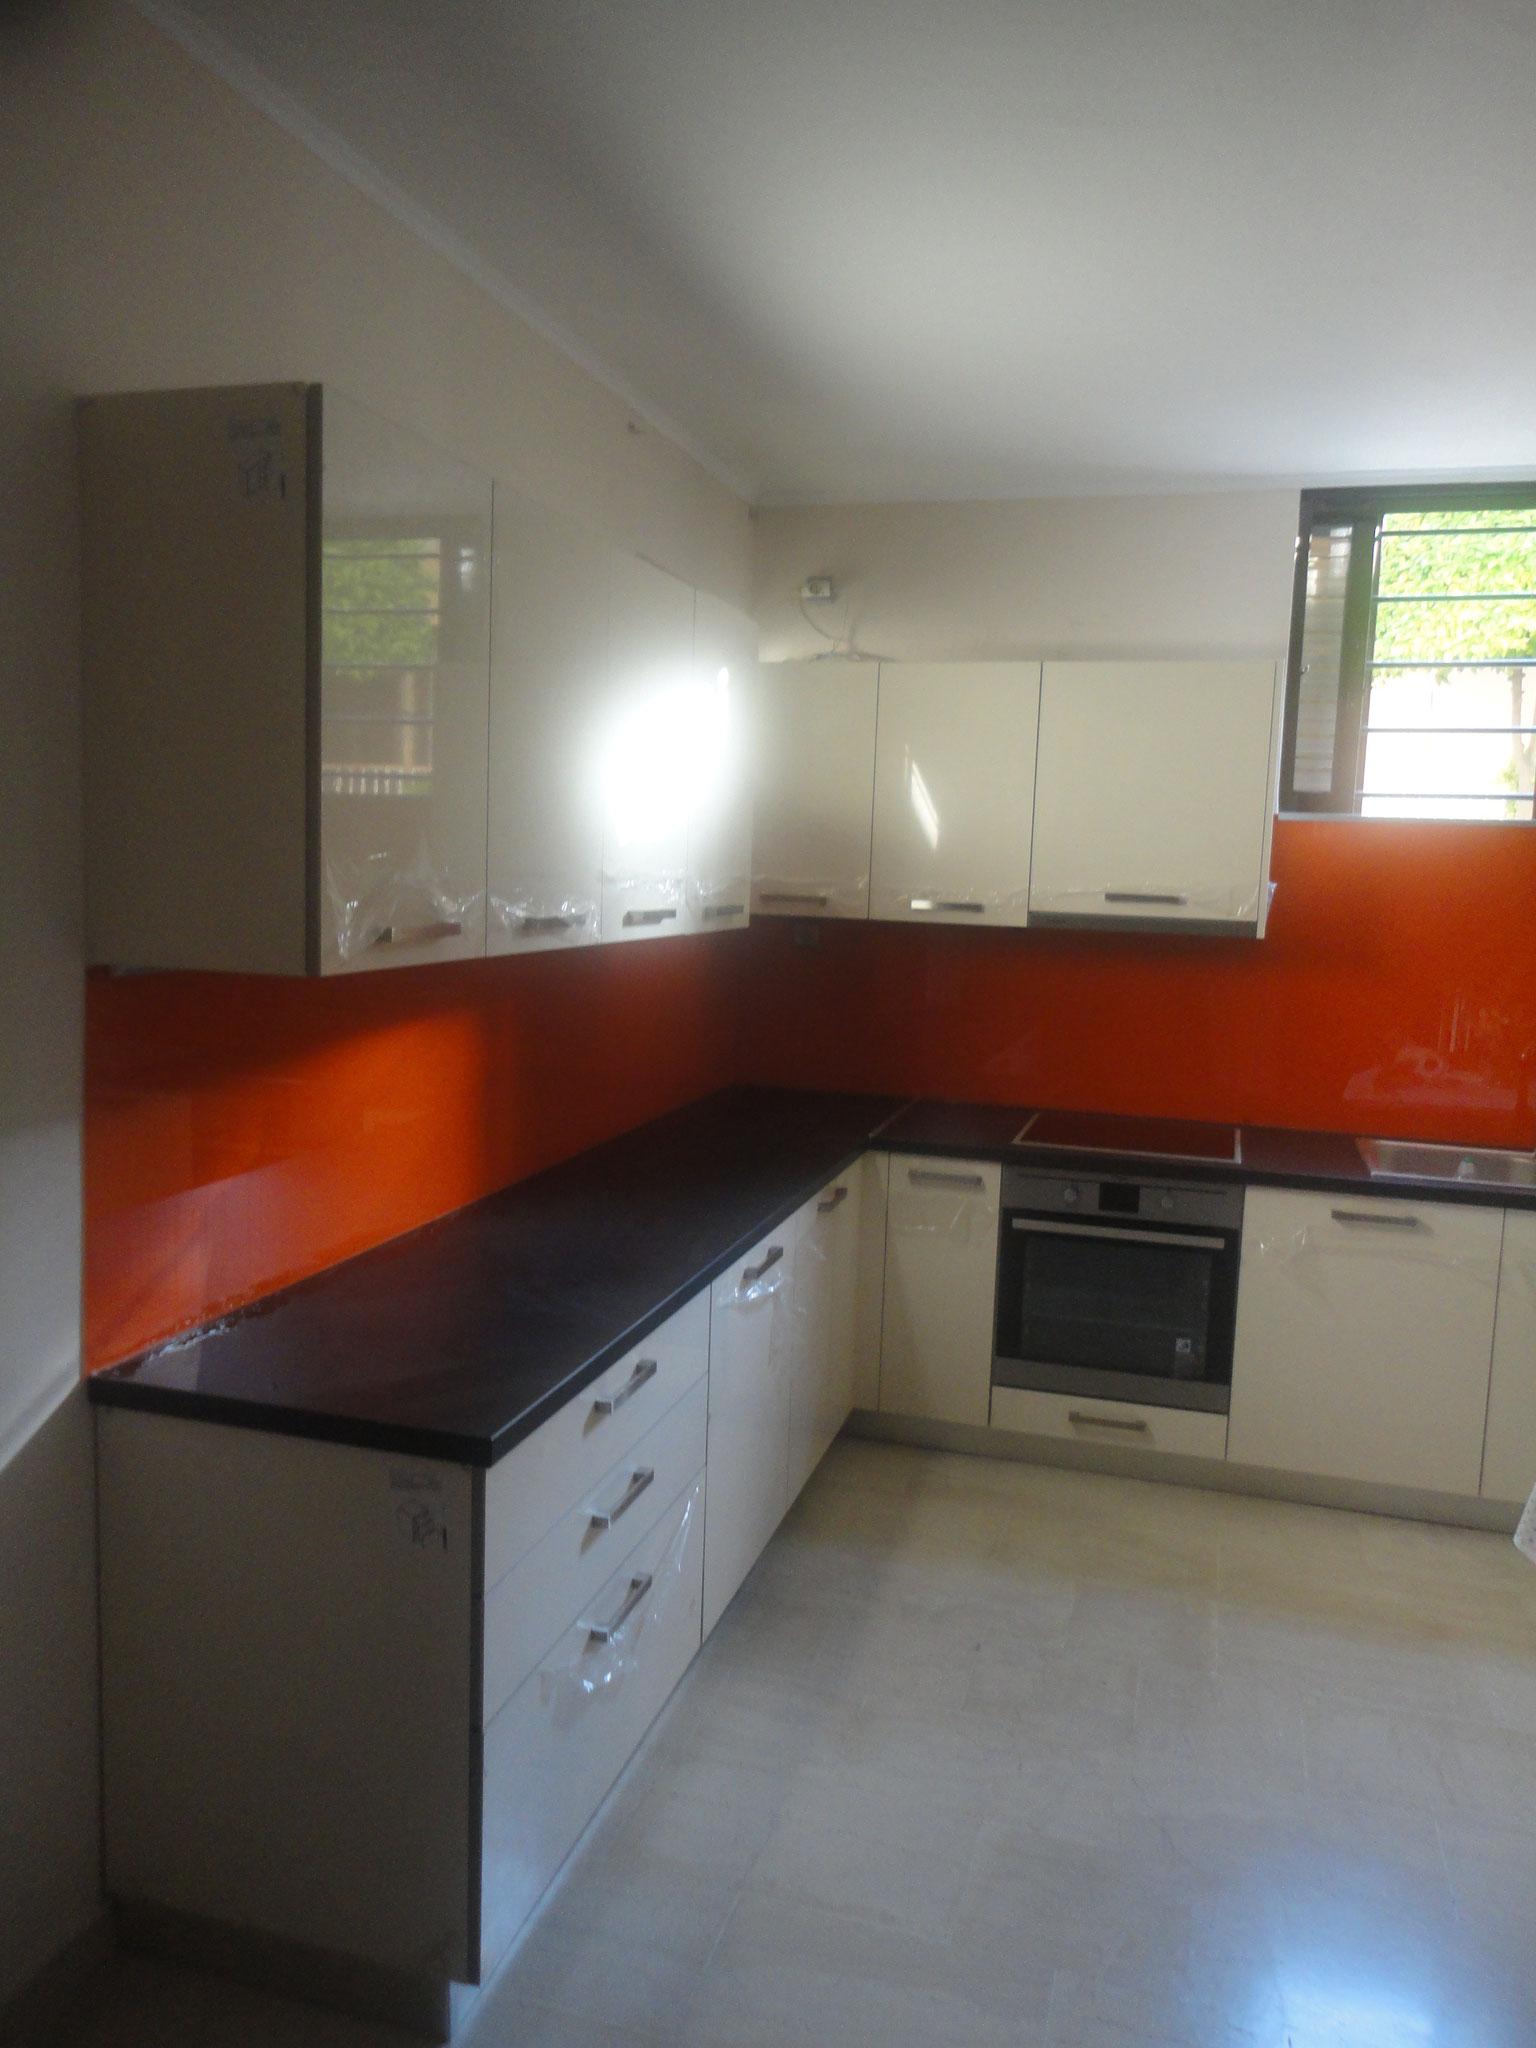 γυάλινος τοίχος κουζίνας, γυάλινη πλάτη κουζίνας, επένδυση κουζίνας με γυαλί